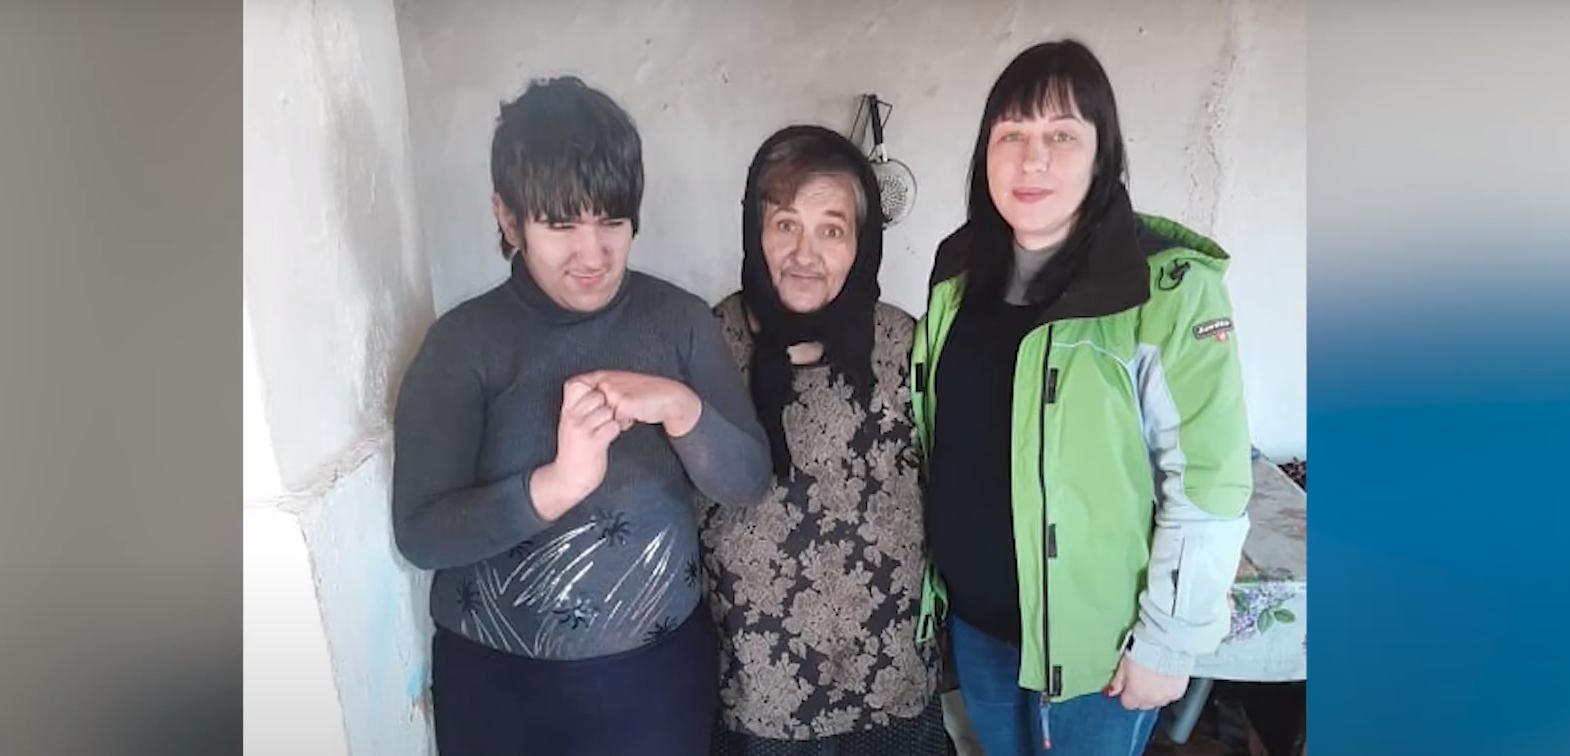 https://rai.ua/novyny/blagodiina-organizatsiia-chas-dobra-ta-myloserdia-vzialas-dopomagaty-simi-iz-rogatynshchyny-video